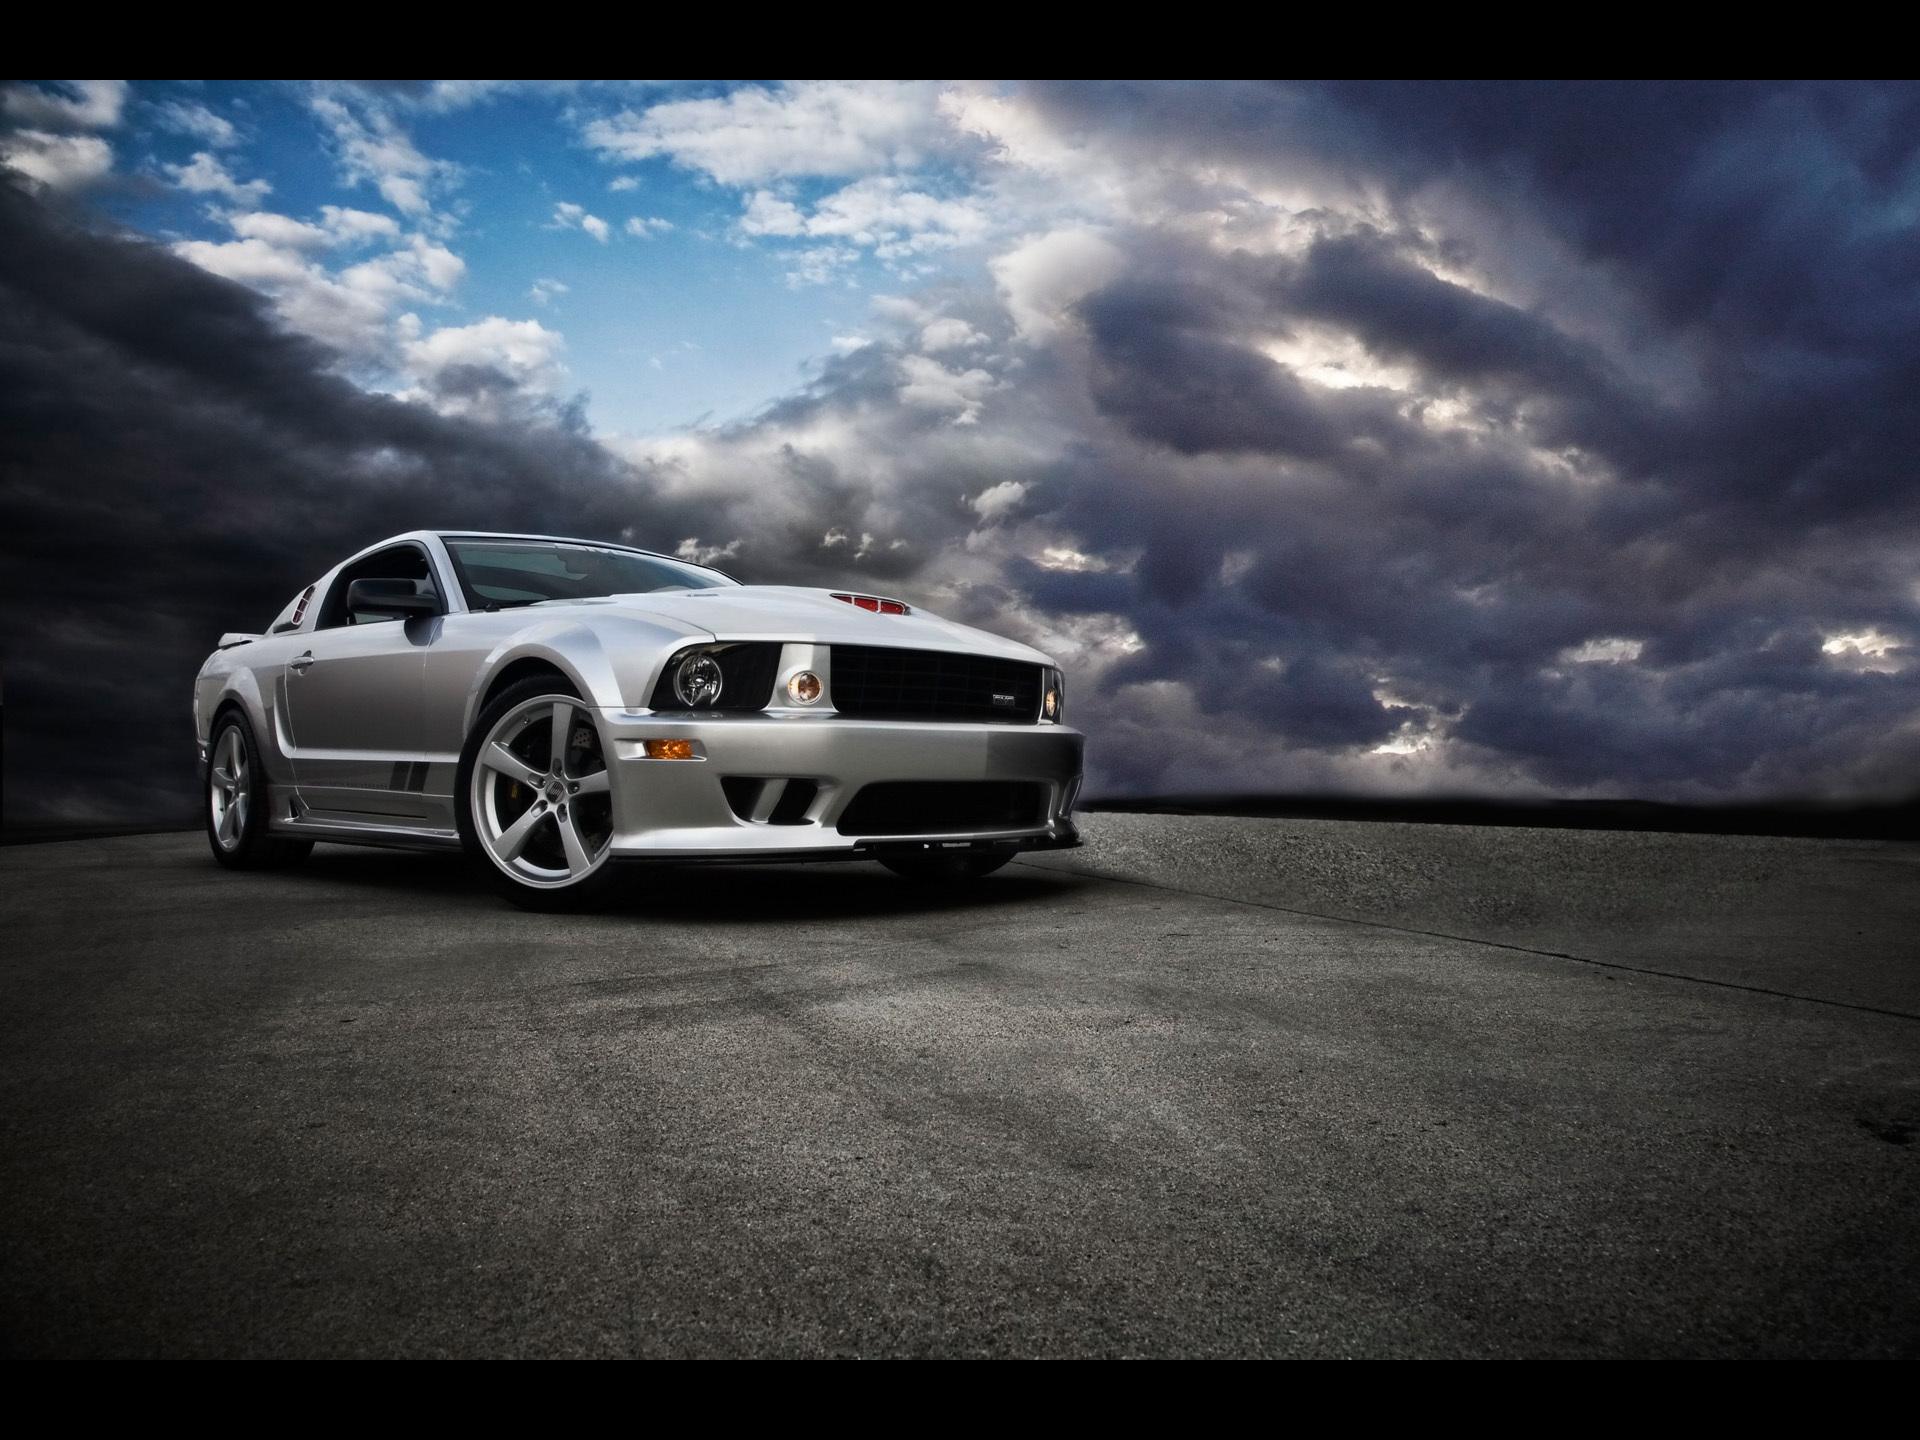 18386 скачать обои Транспорт, Машины, Мустанг (Mustang) - заставки и картинки бесплатно